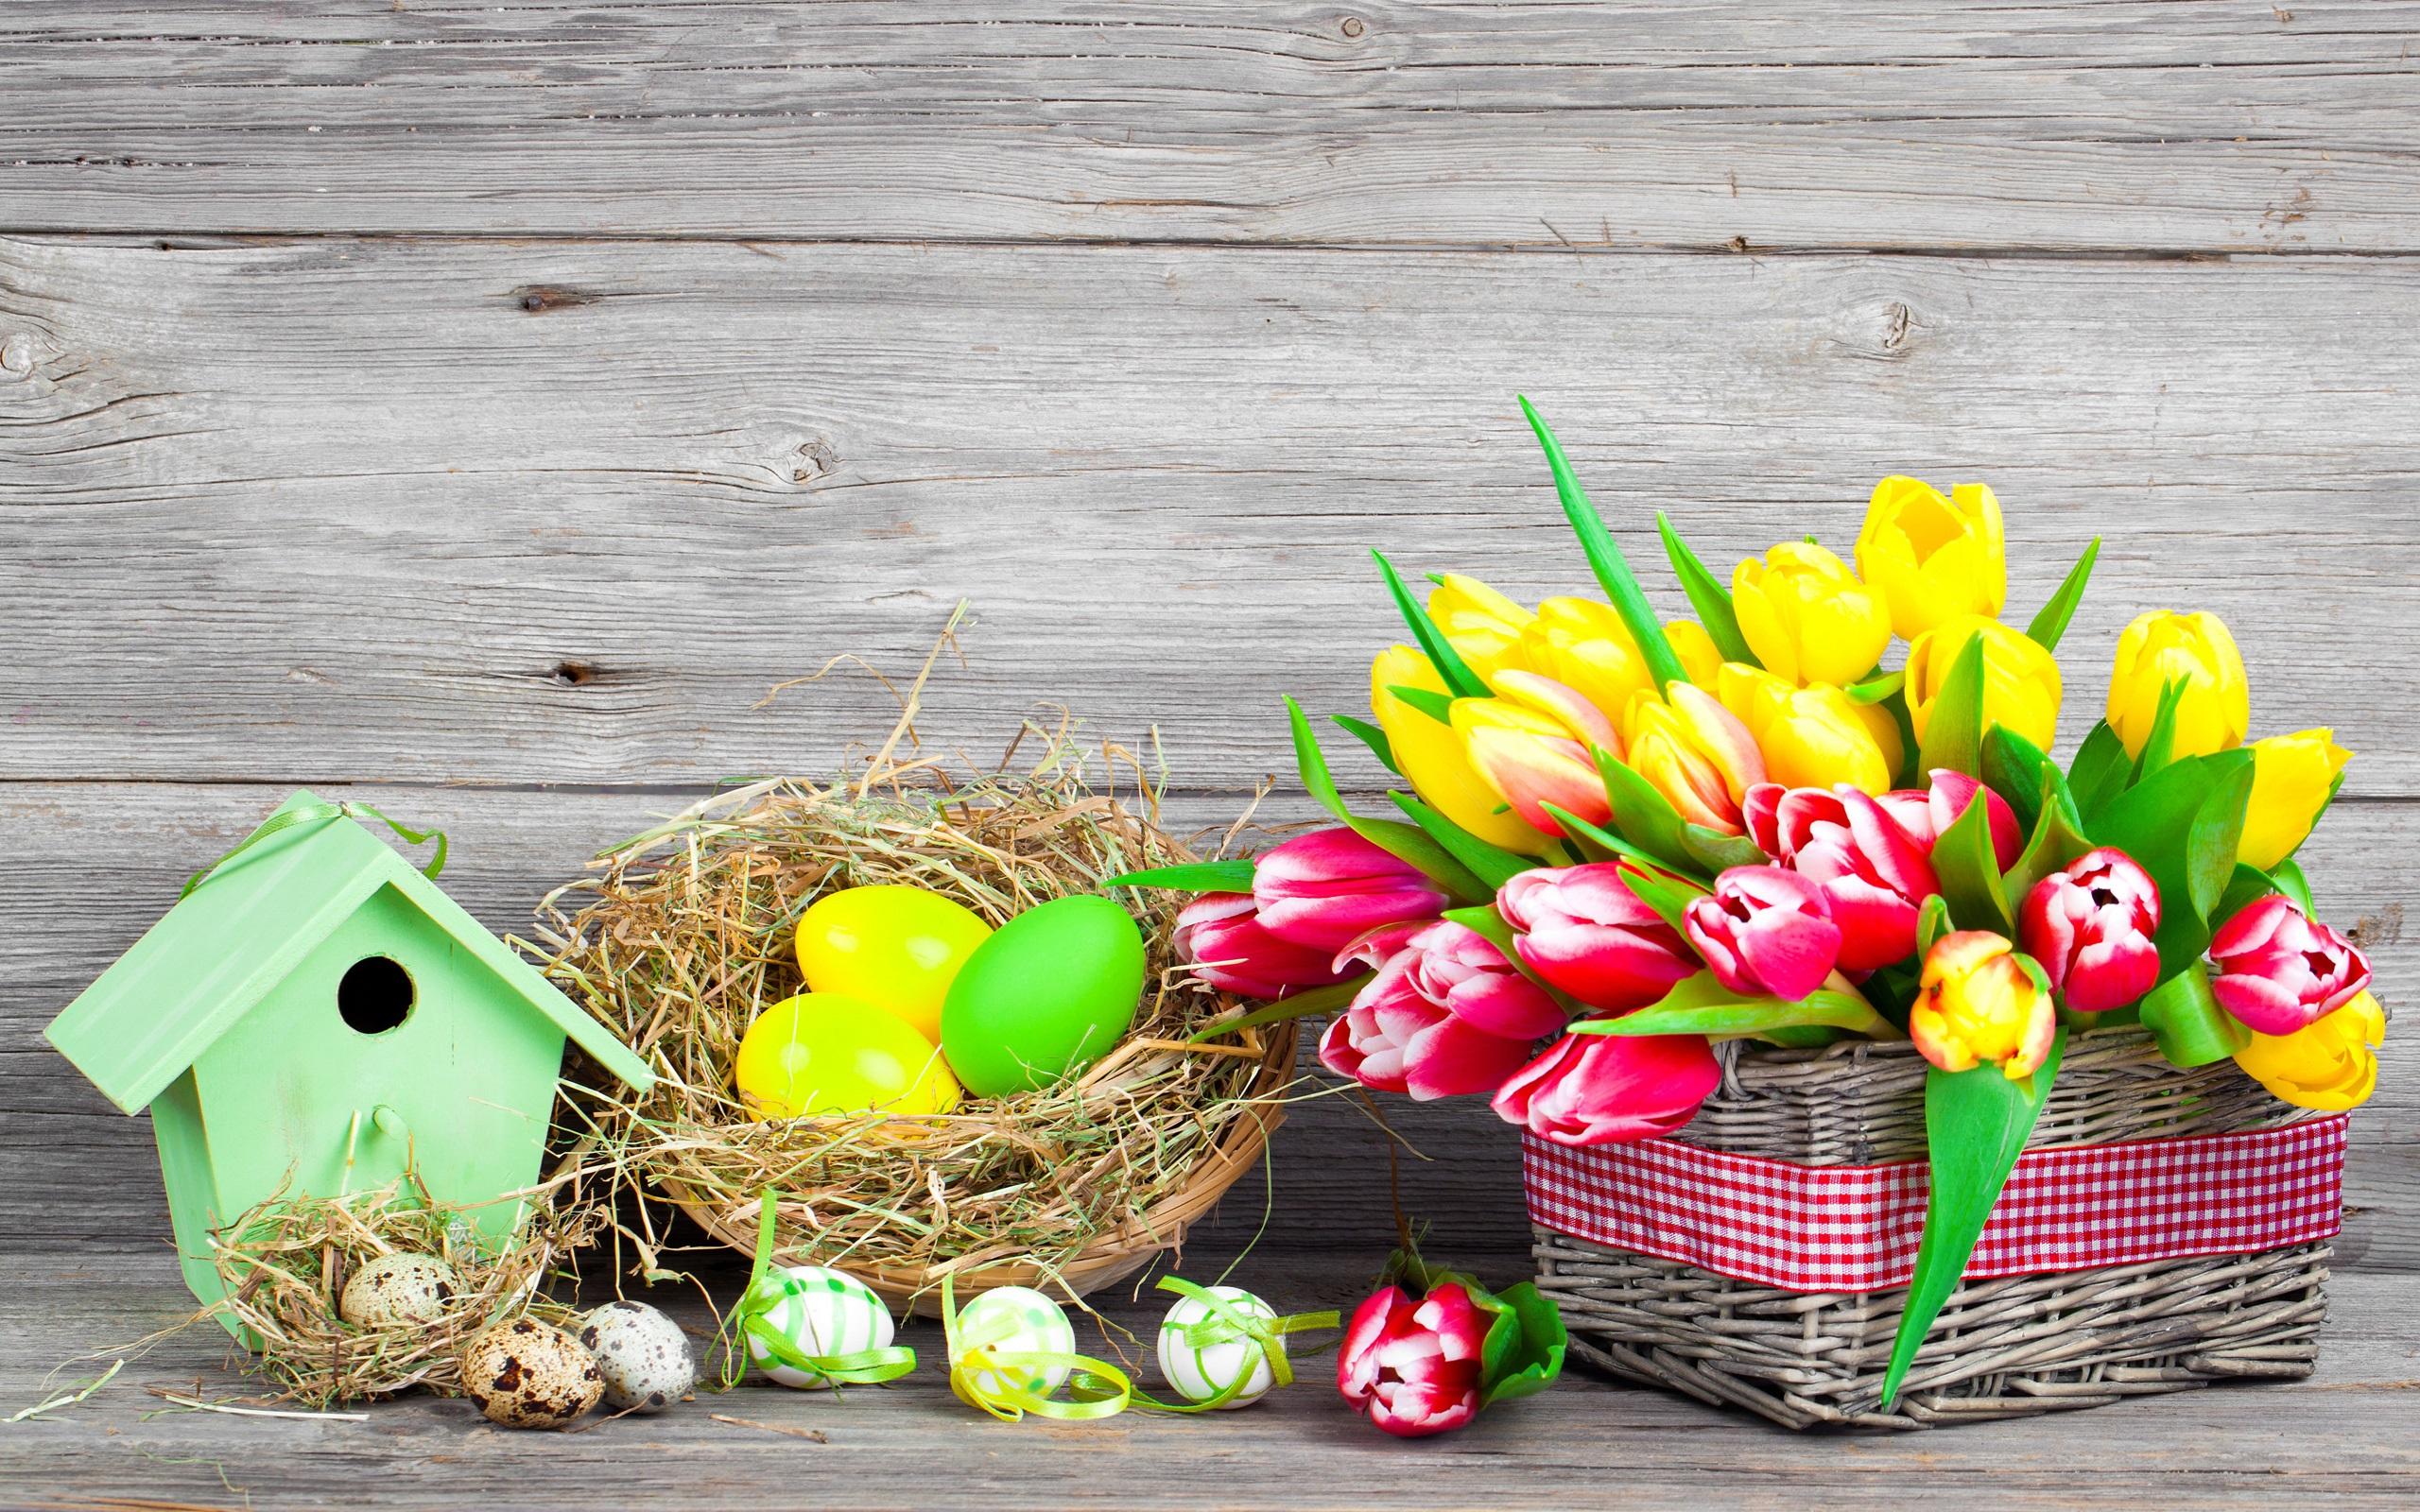 Ostern fr hling blumen eier bunt rot und gelbe tulpen - Ostern wallpaper ...